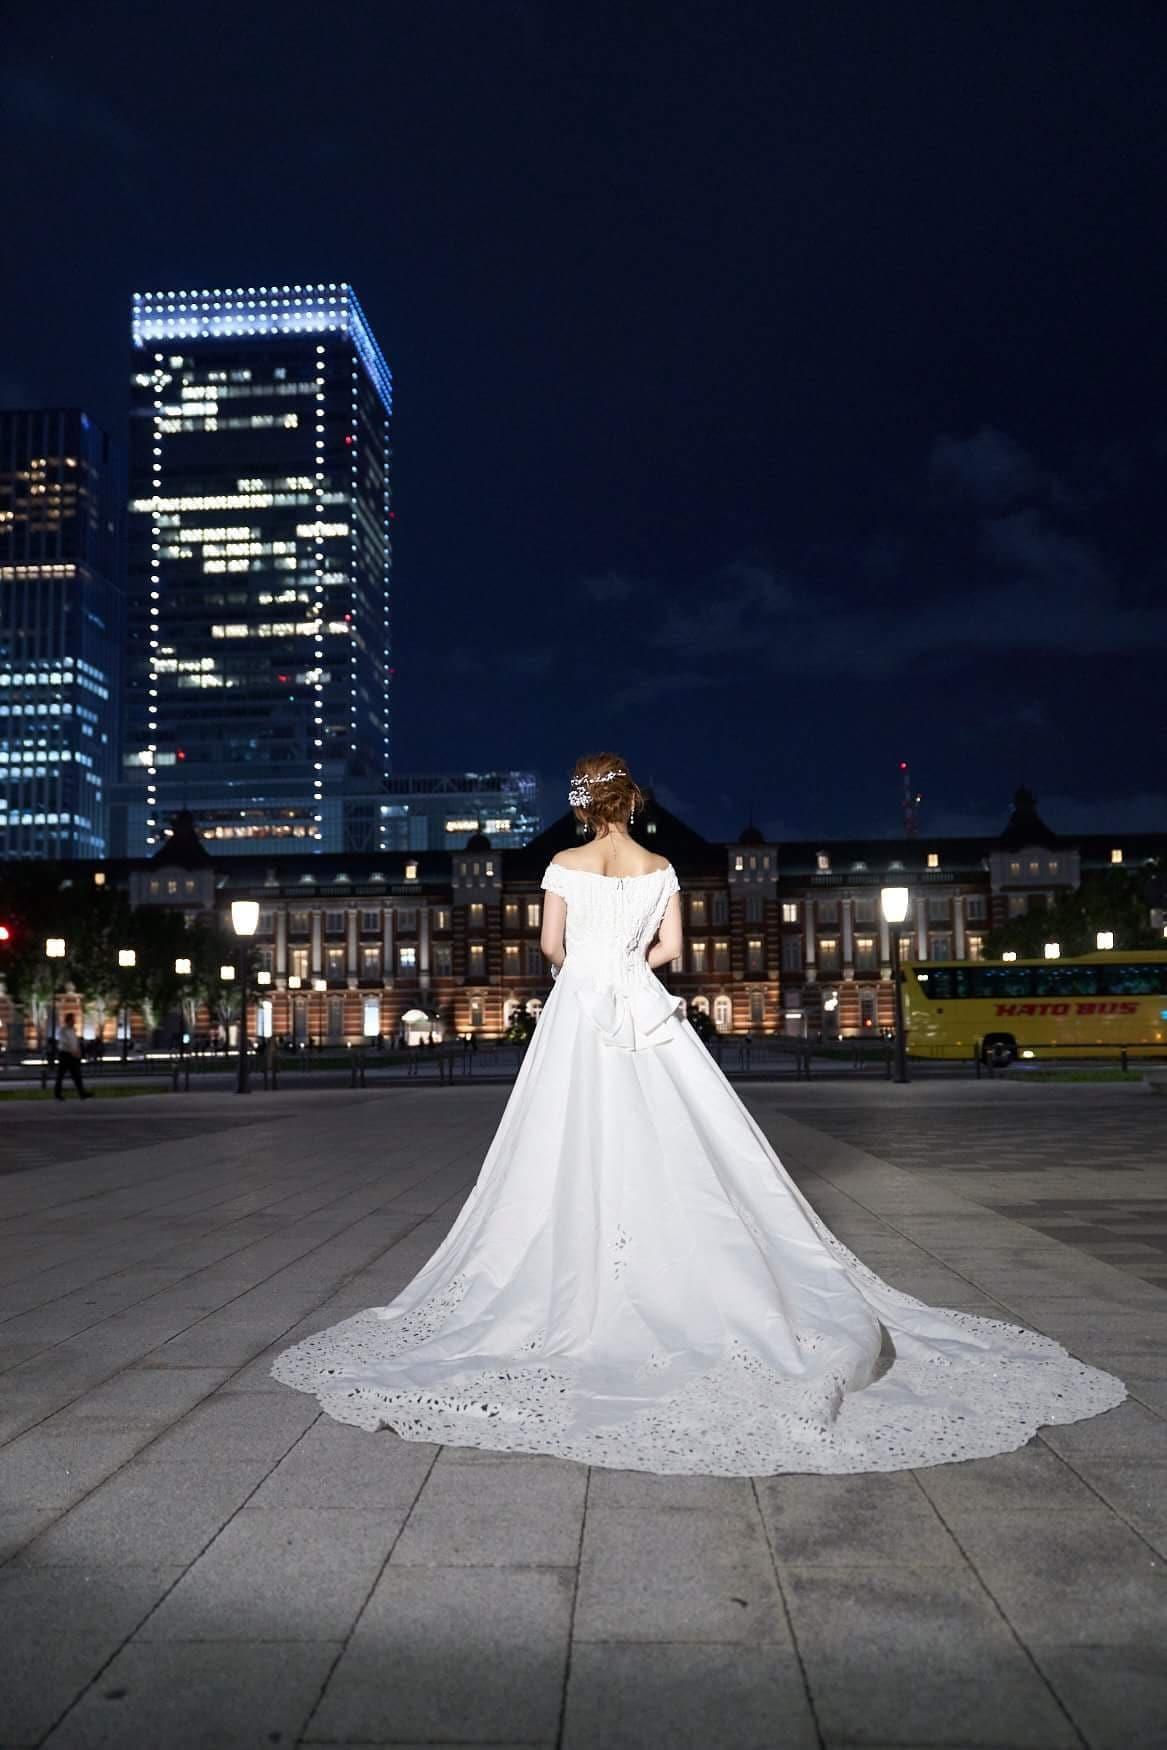 レンタルウエディングドレス(オリエンタル)のイメージその5